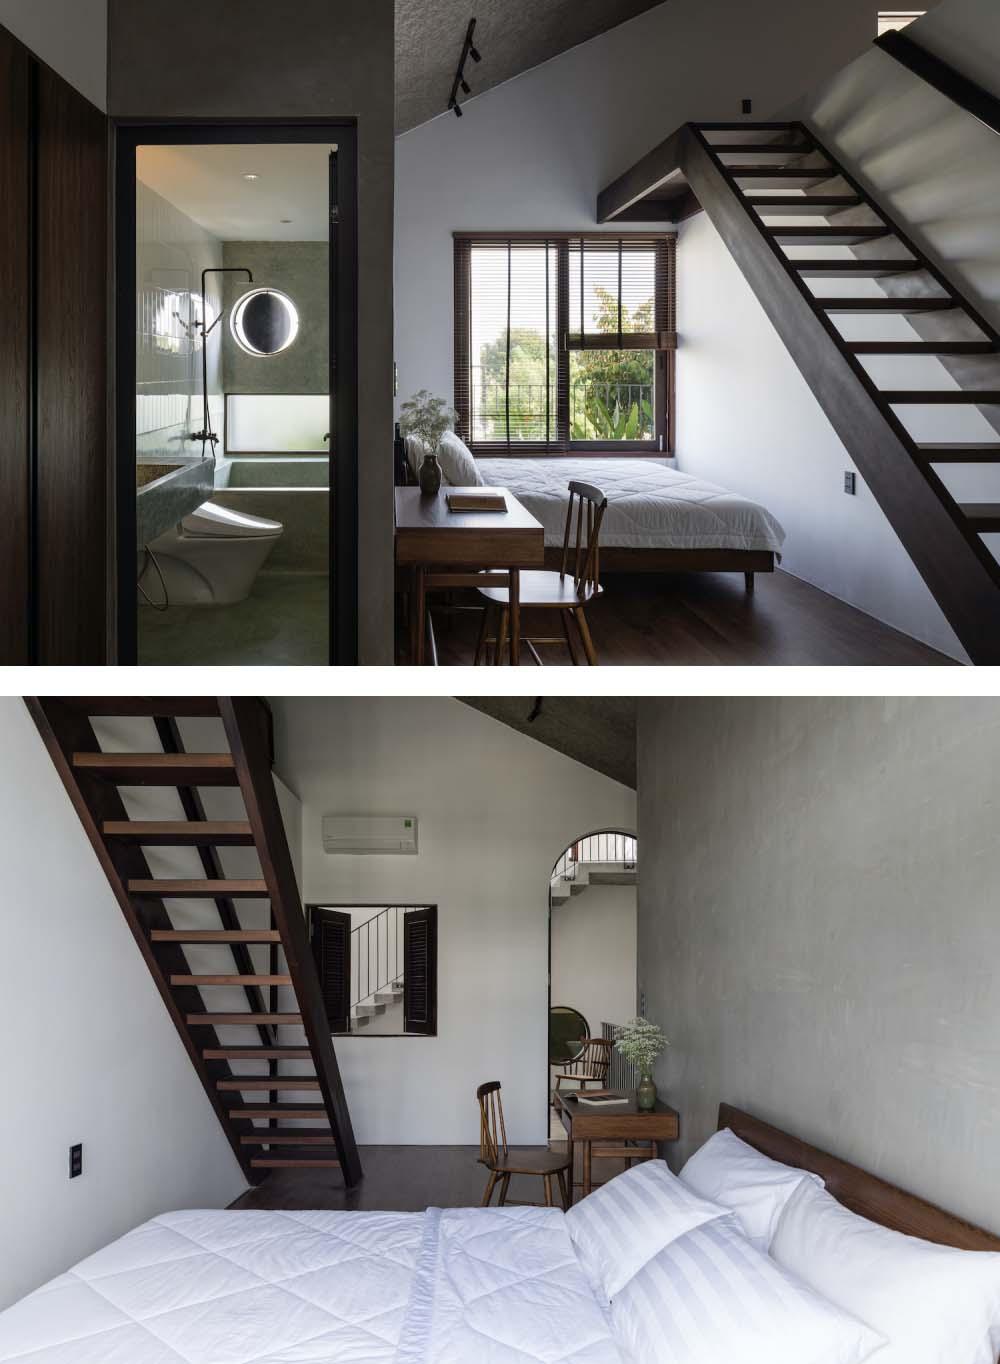 Các phòng ngủ được phân bổ ở tầng trệt và tầng hai.